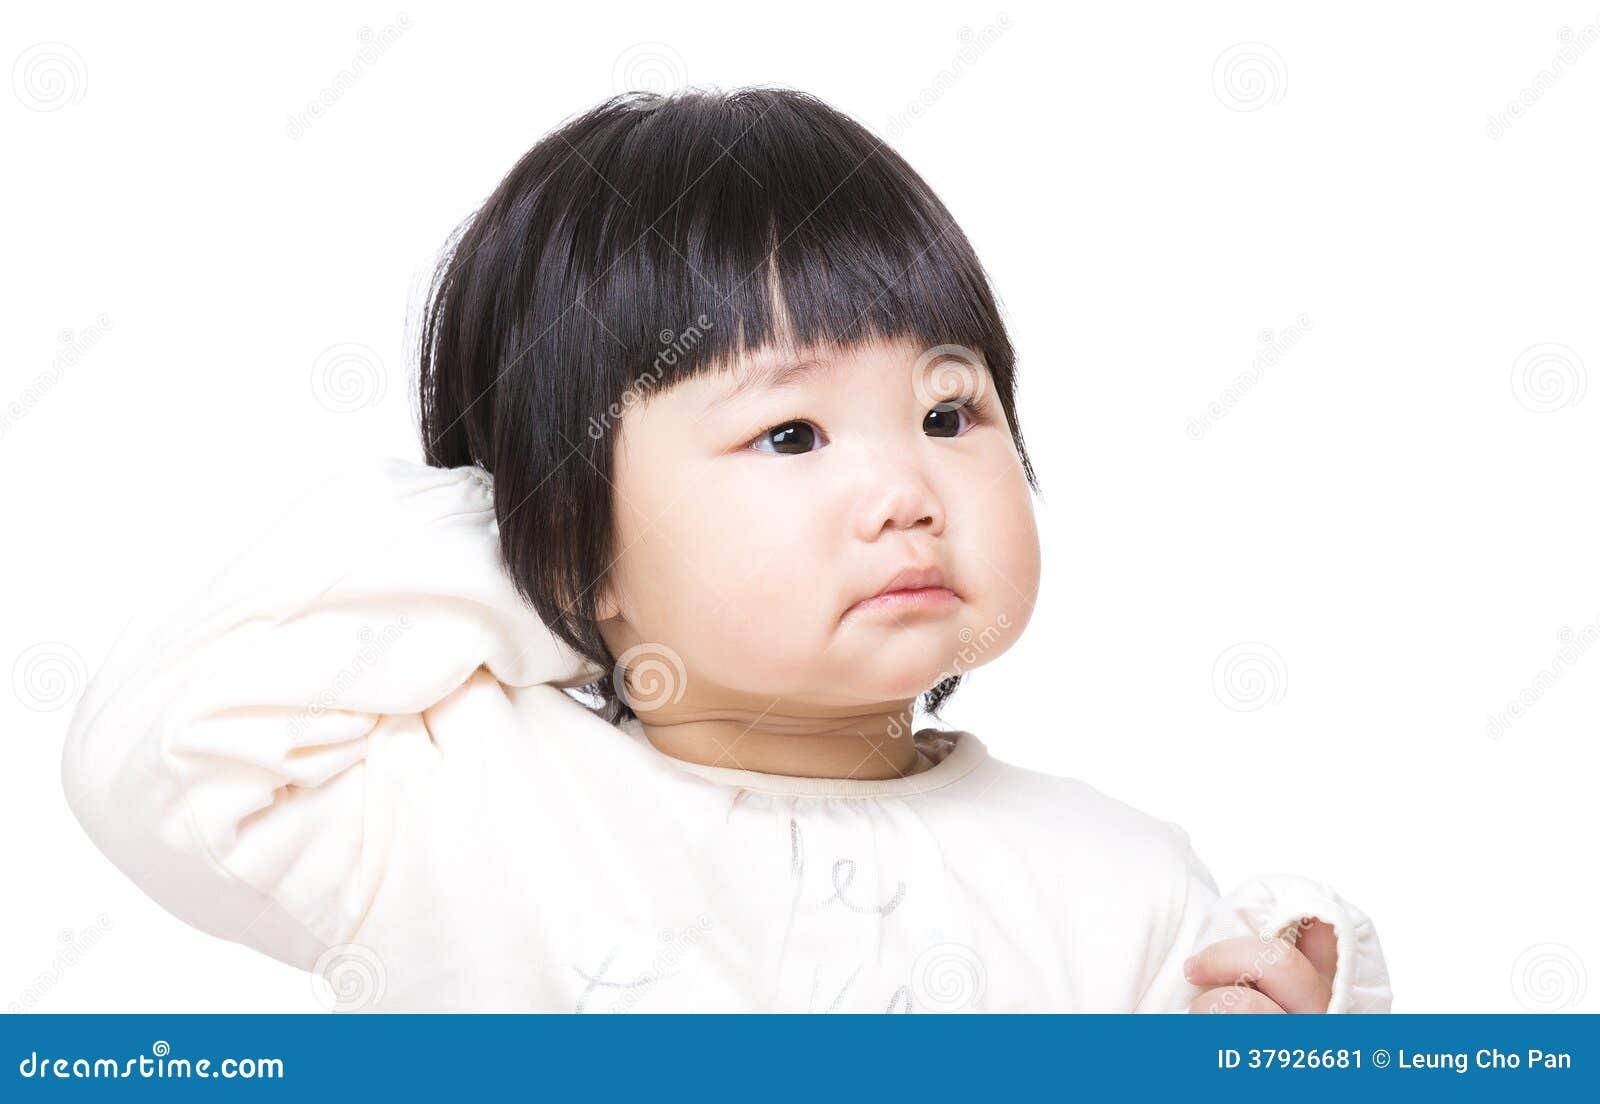 Удивленный младенец царапая голову